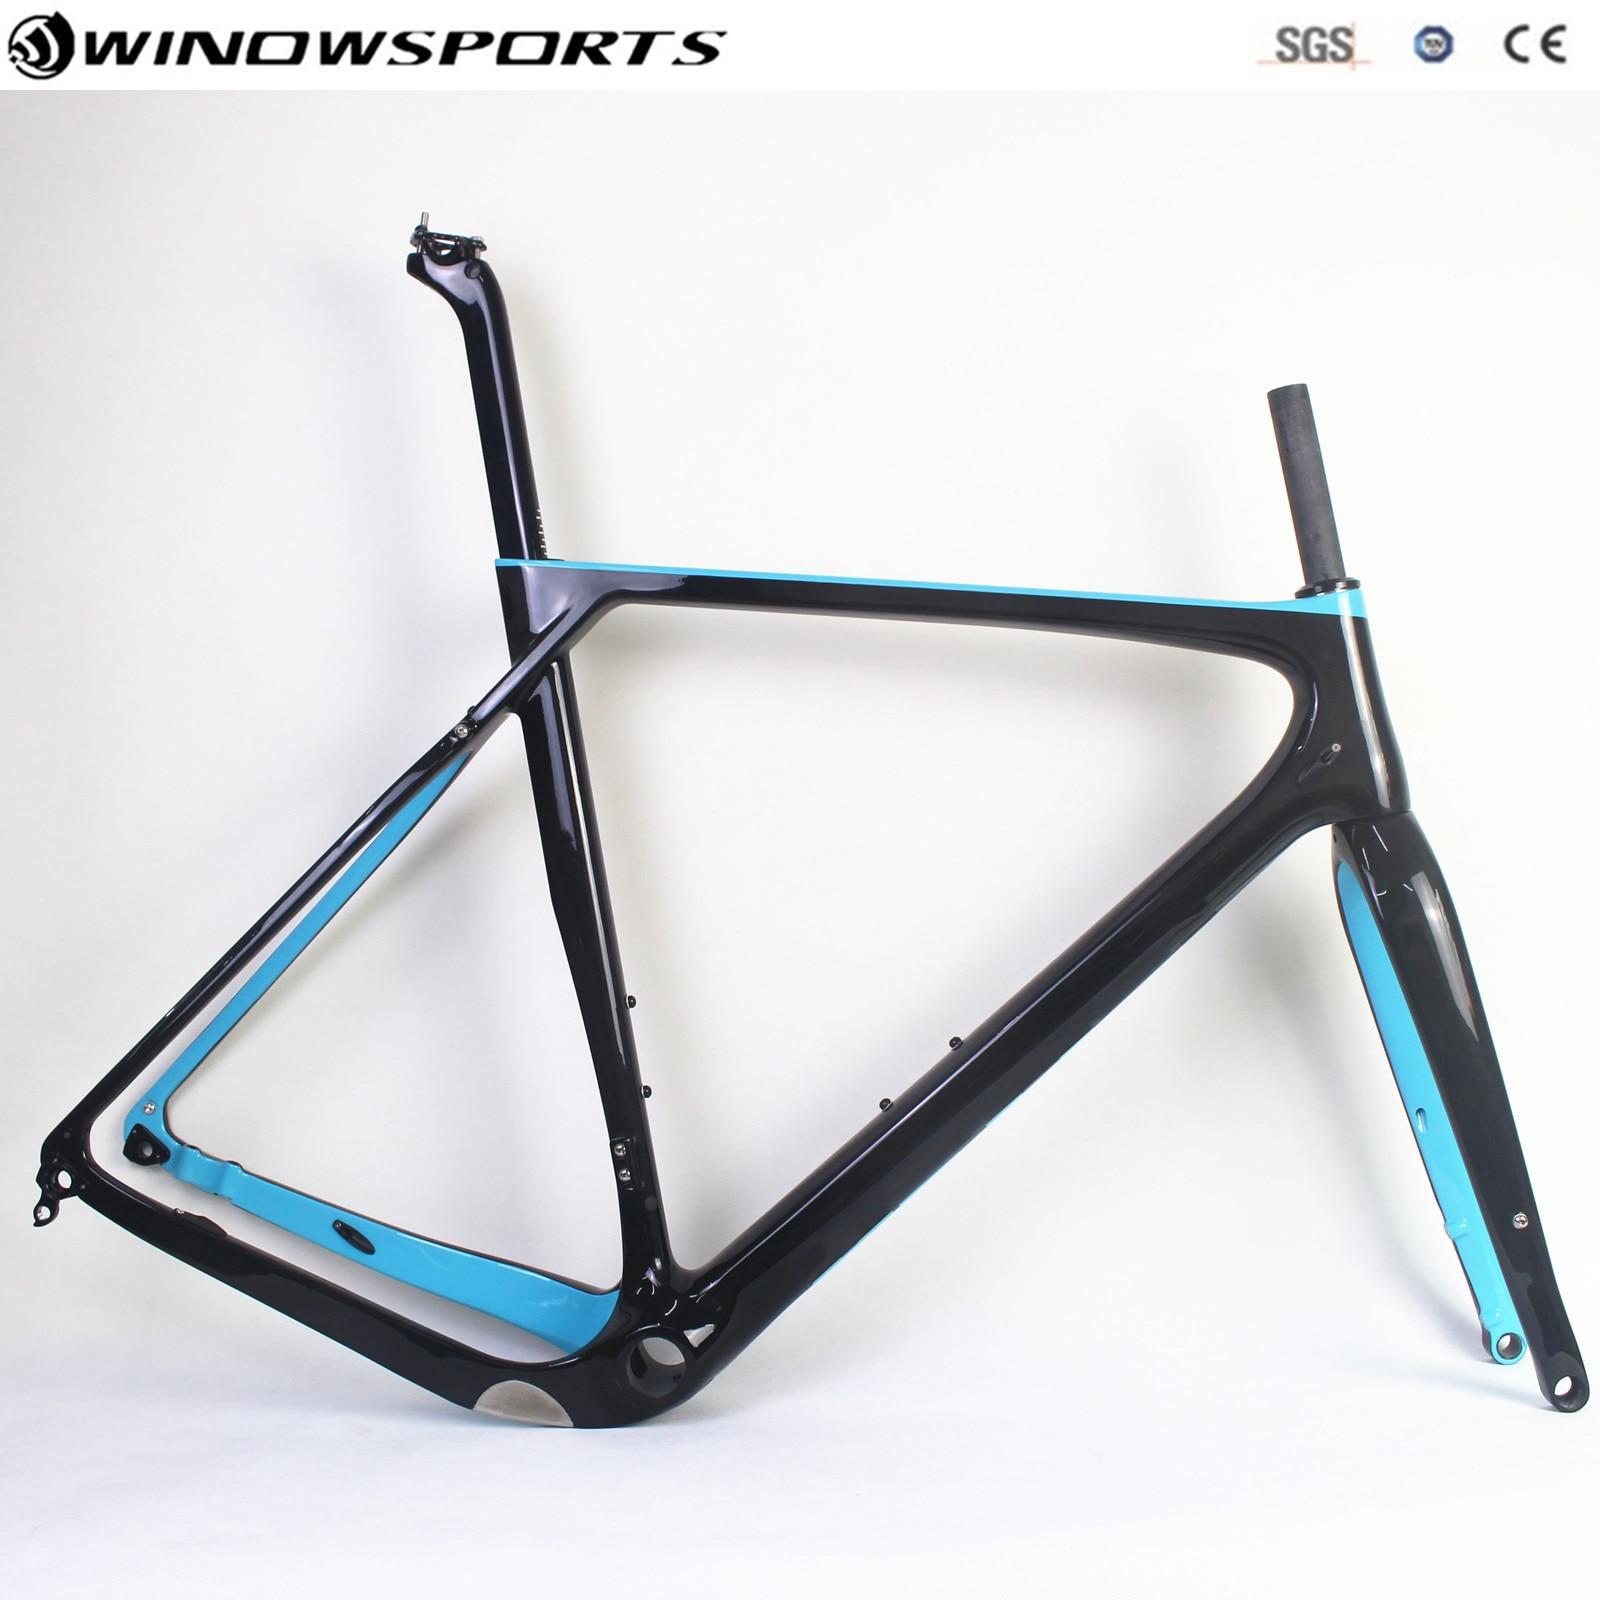 Full Carbon Road Cyclocross Gravel Bike Frameset Support  27.5er MTB Wheelset Max Tires 650B*2.1 142*12mm Thru Axle Disc Gravel